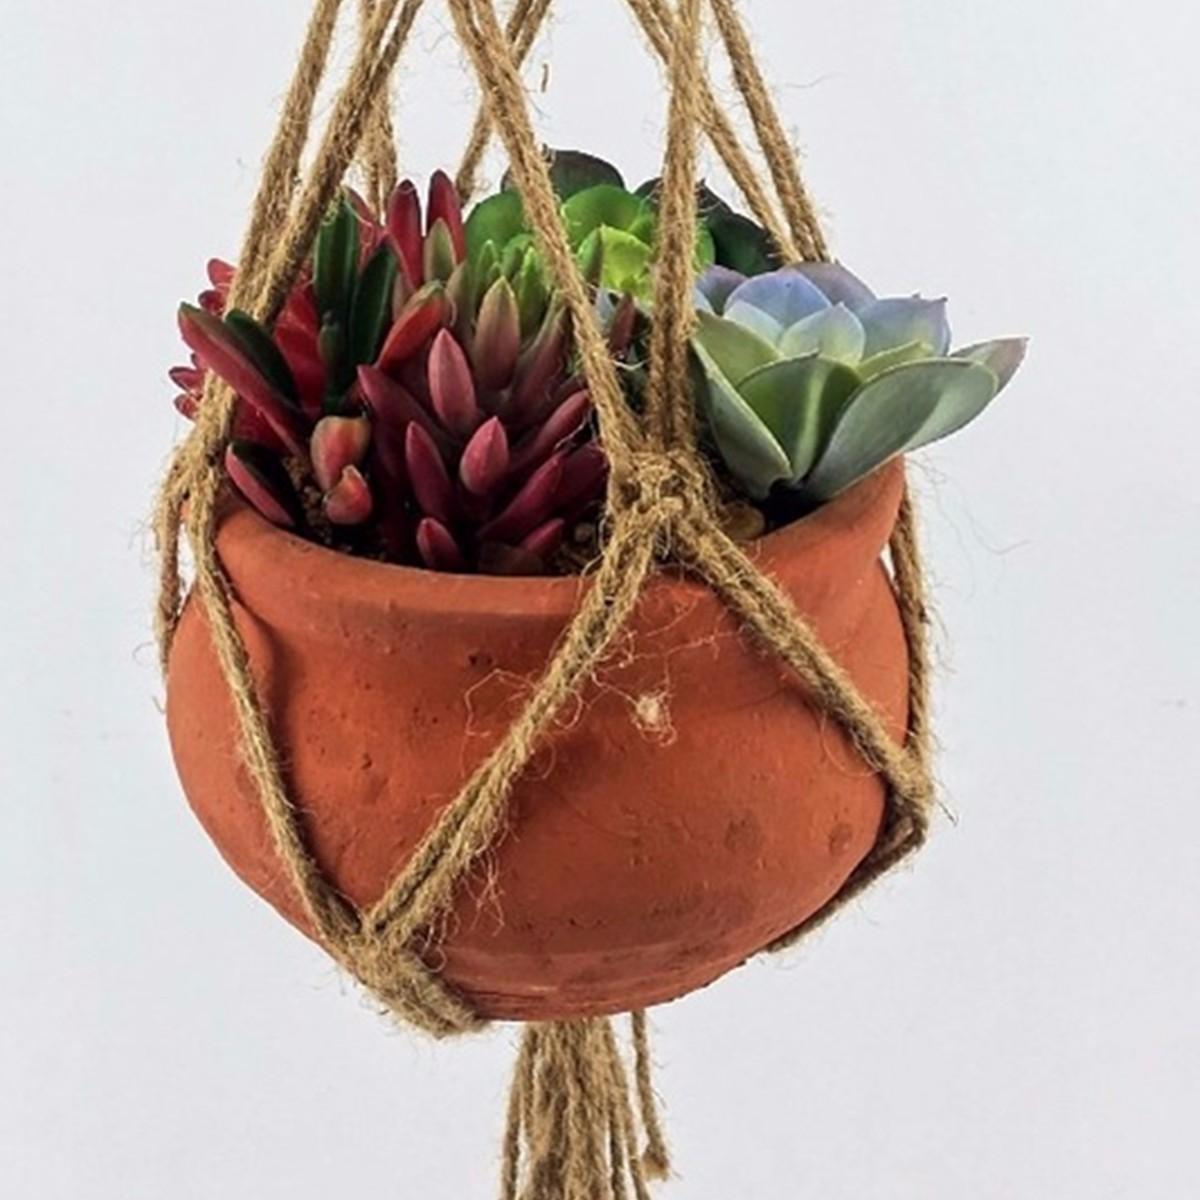 40 pulgadas de cuerda planta de maceta percha macrame cordón de yute decorativo para interiores y exteriores